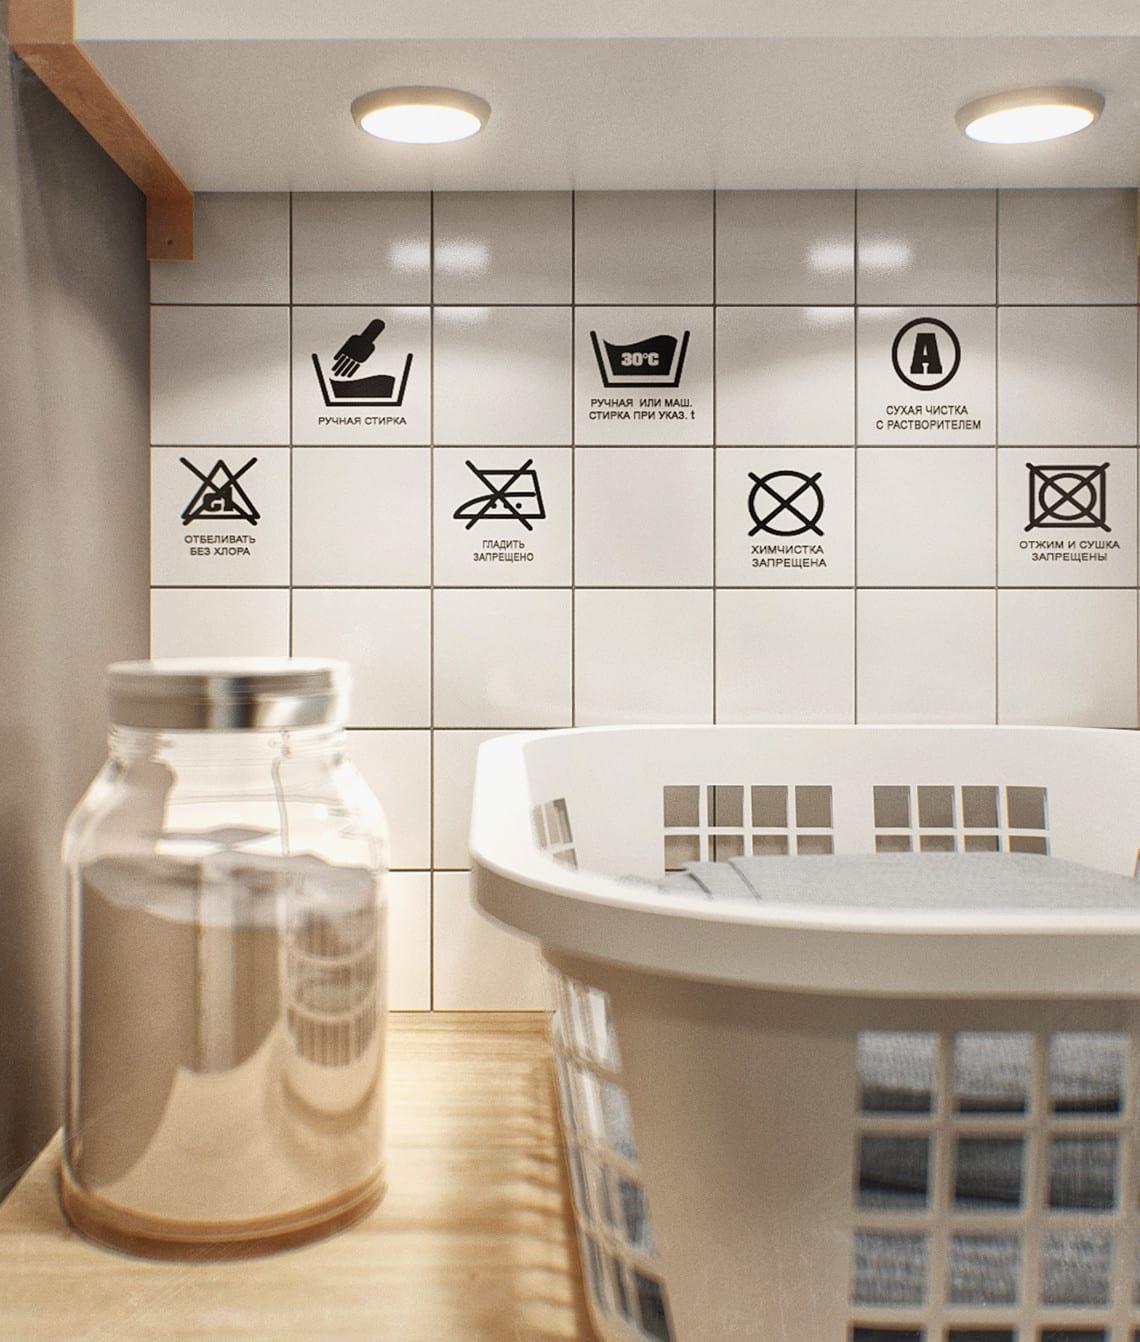 coole und originelle wandgestaltung mit fliesen im waschraum und wandregalen mit einbauleuchten